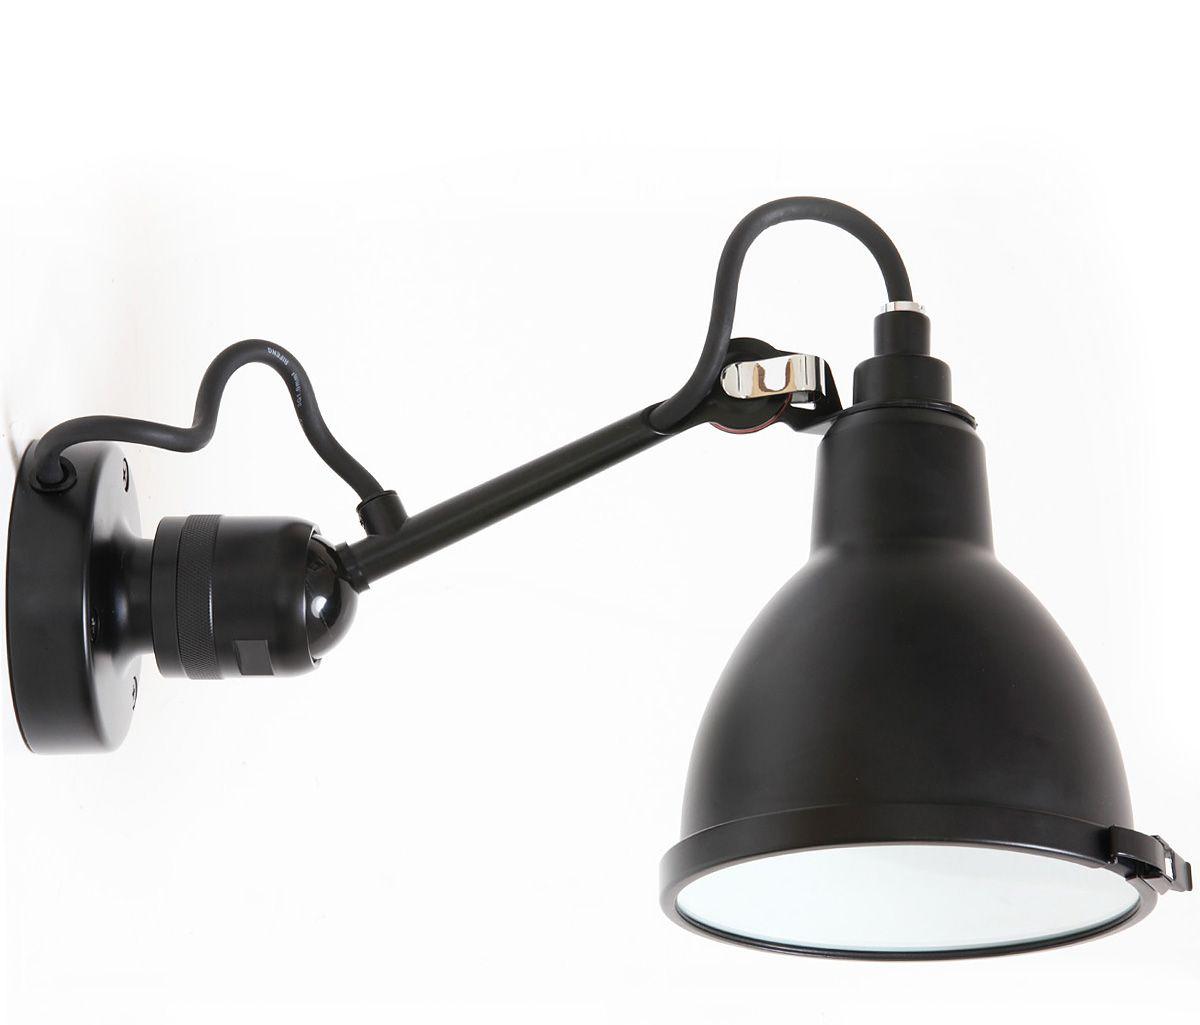 Badezimmer Wandlampe N 304 Mit Kugelgelenk Von Lampe Gras Foto Badezimmer Wandlampe Lampen Und Lampe Badezimmer